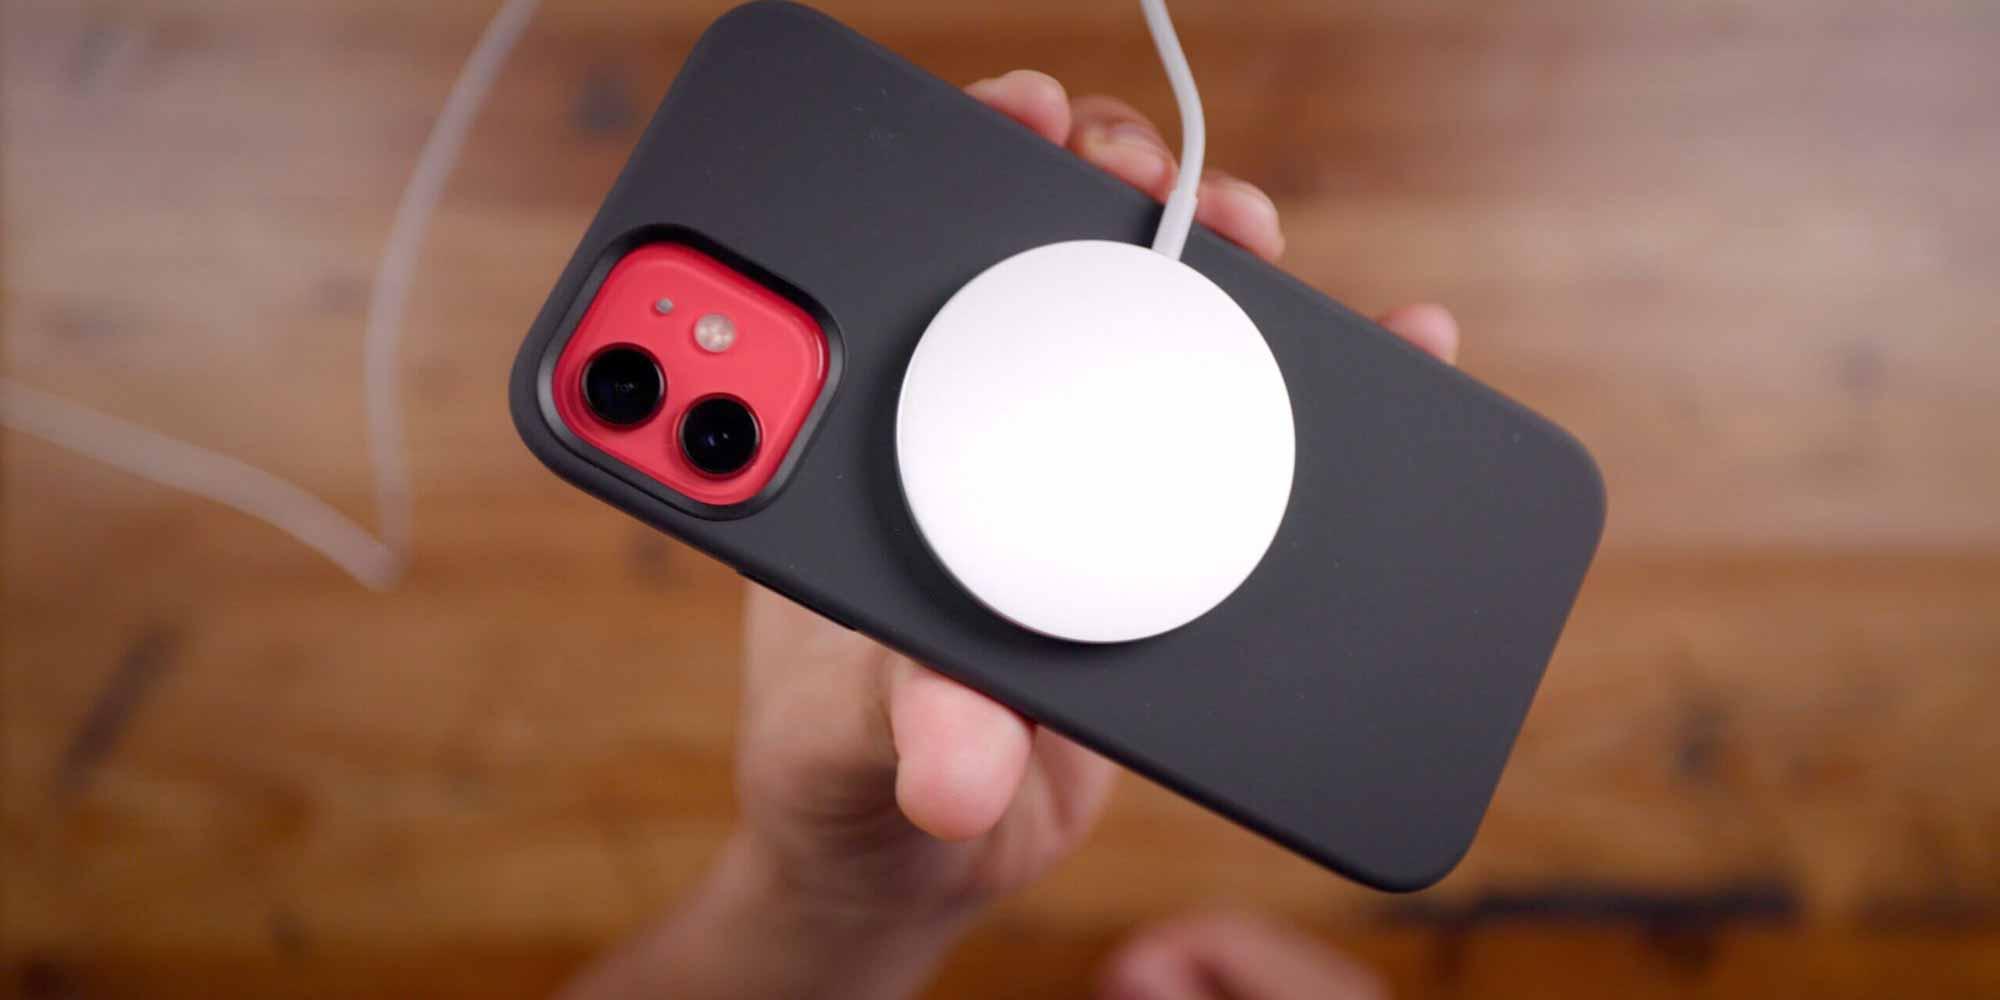 Команда разработчиков Apple подробно рассказала об iPhone 12, MagSafe и HomePod mini в редком интервью